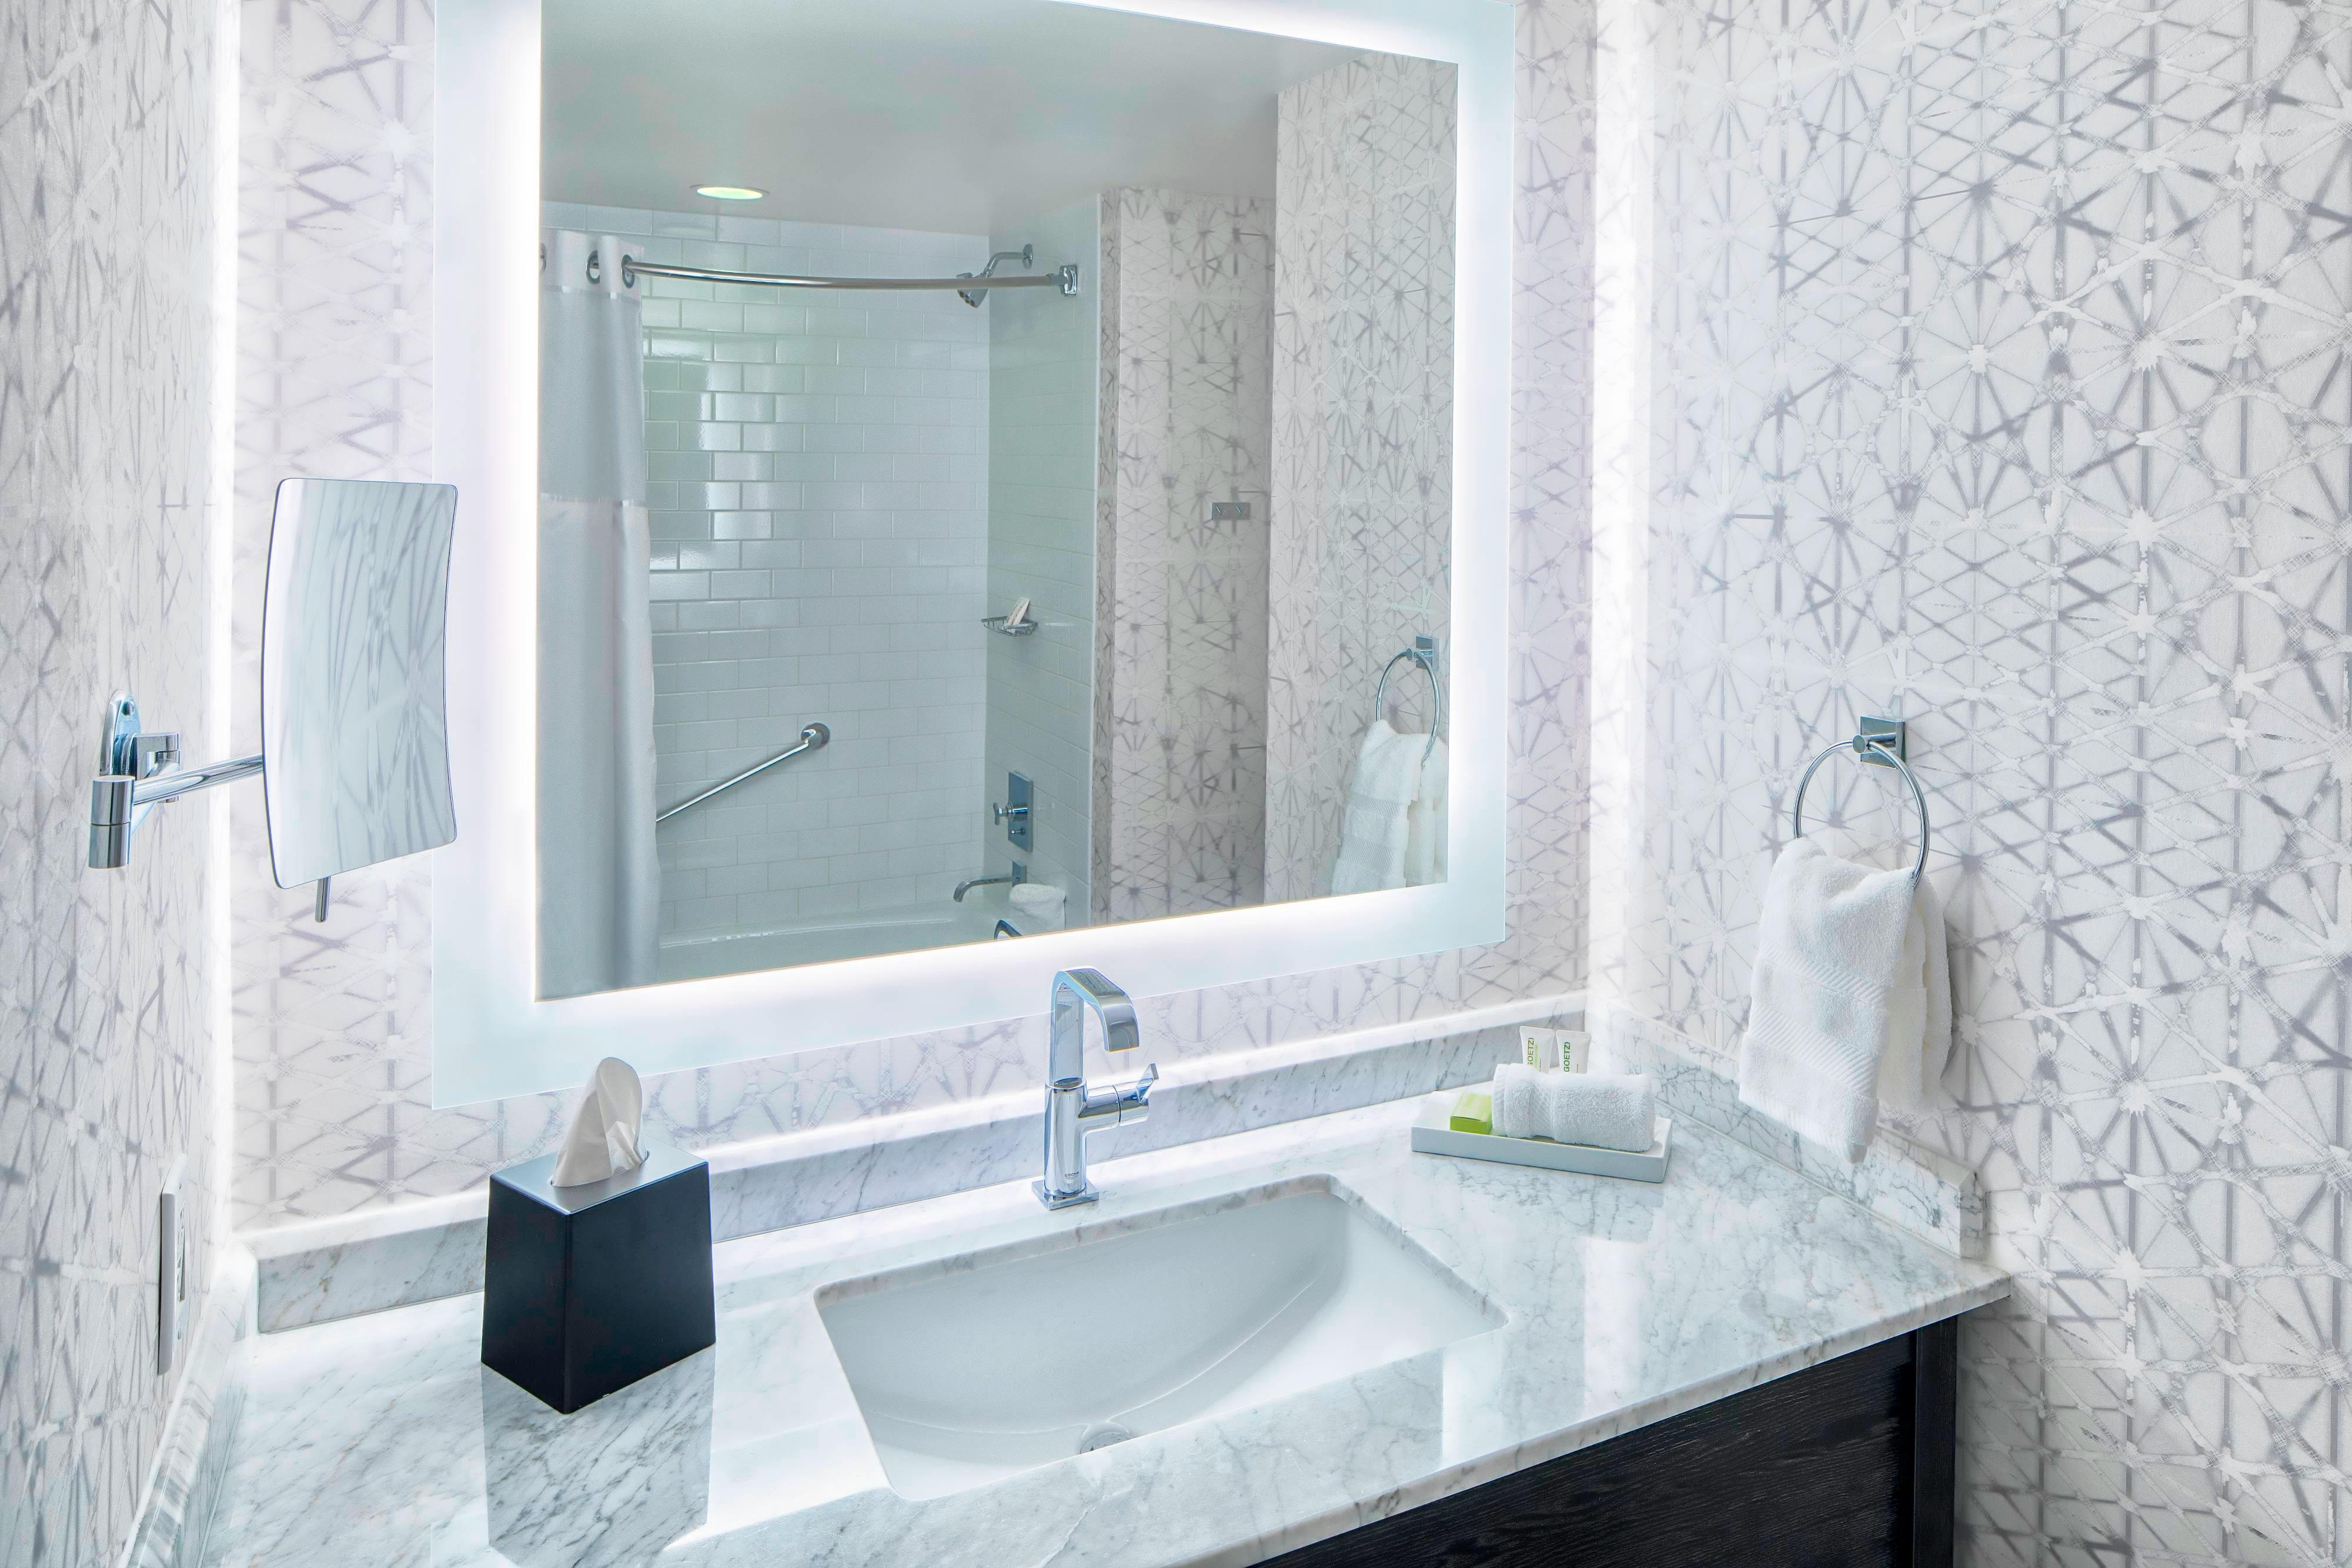 Ванная комната для гостей с ограниченными возможностями